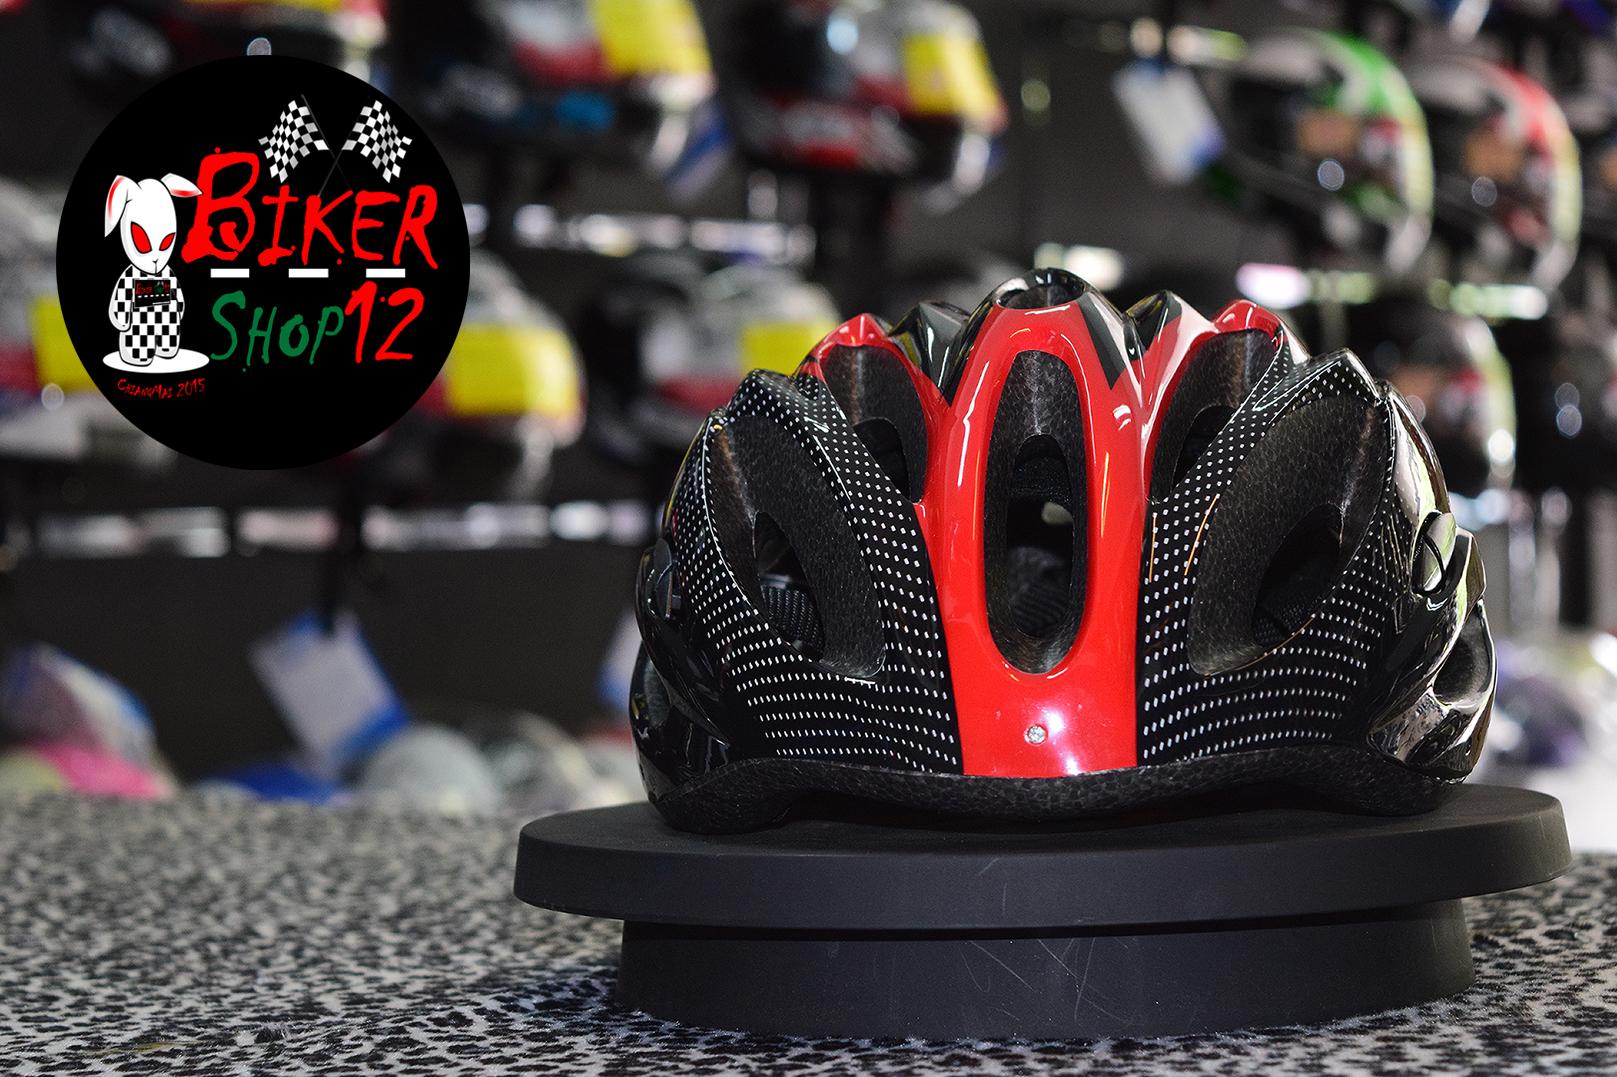 หมวกกันน็อค จักรยาน สีแดง-ดำ